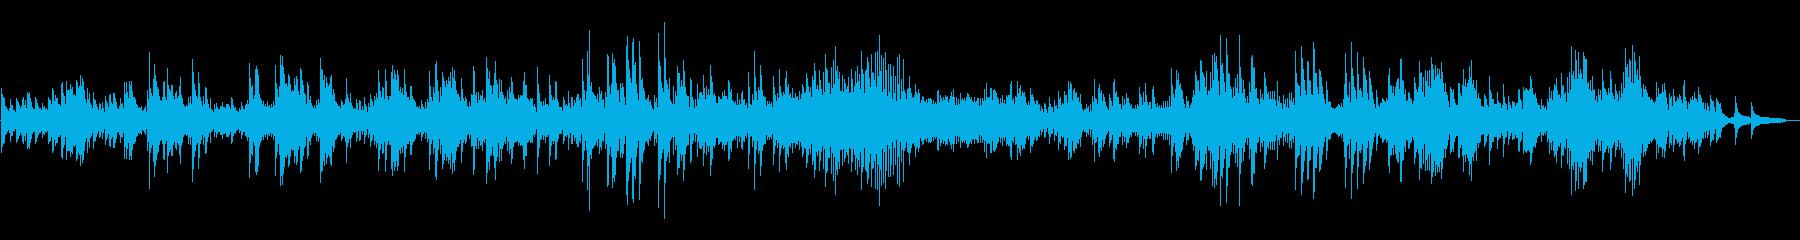 ピアノソロ、ベートーヴェンの月光の再生済みの波形